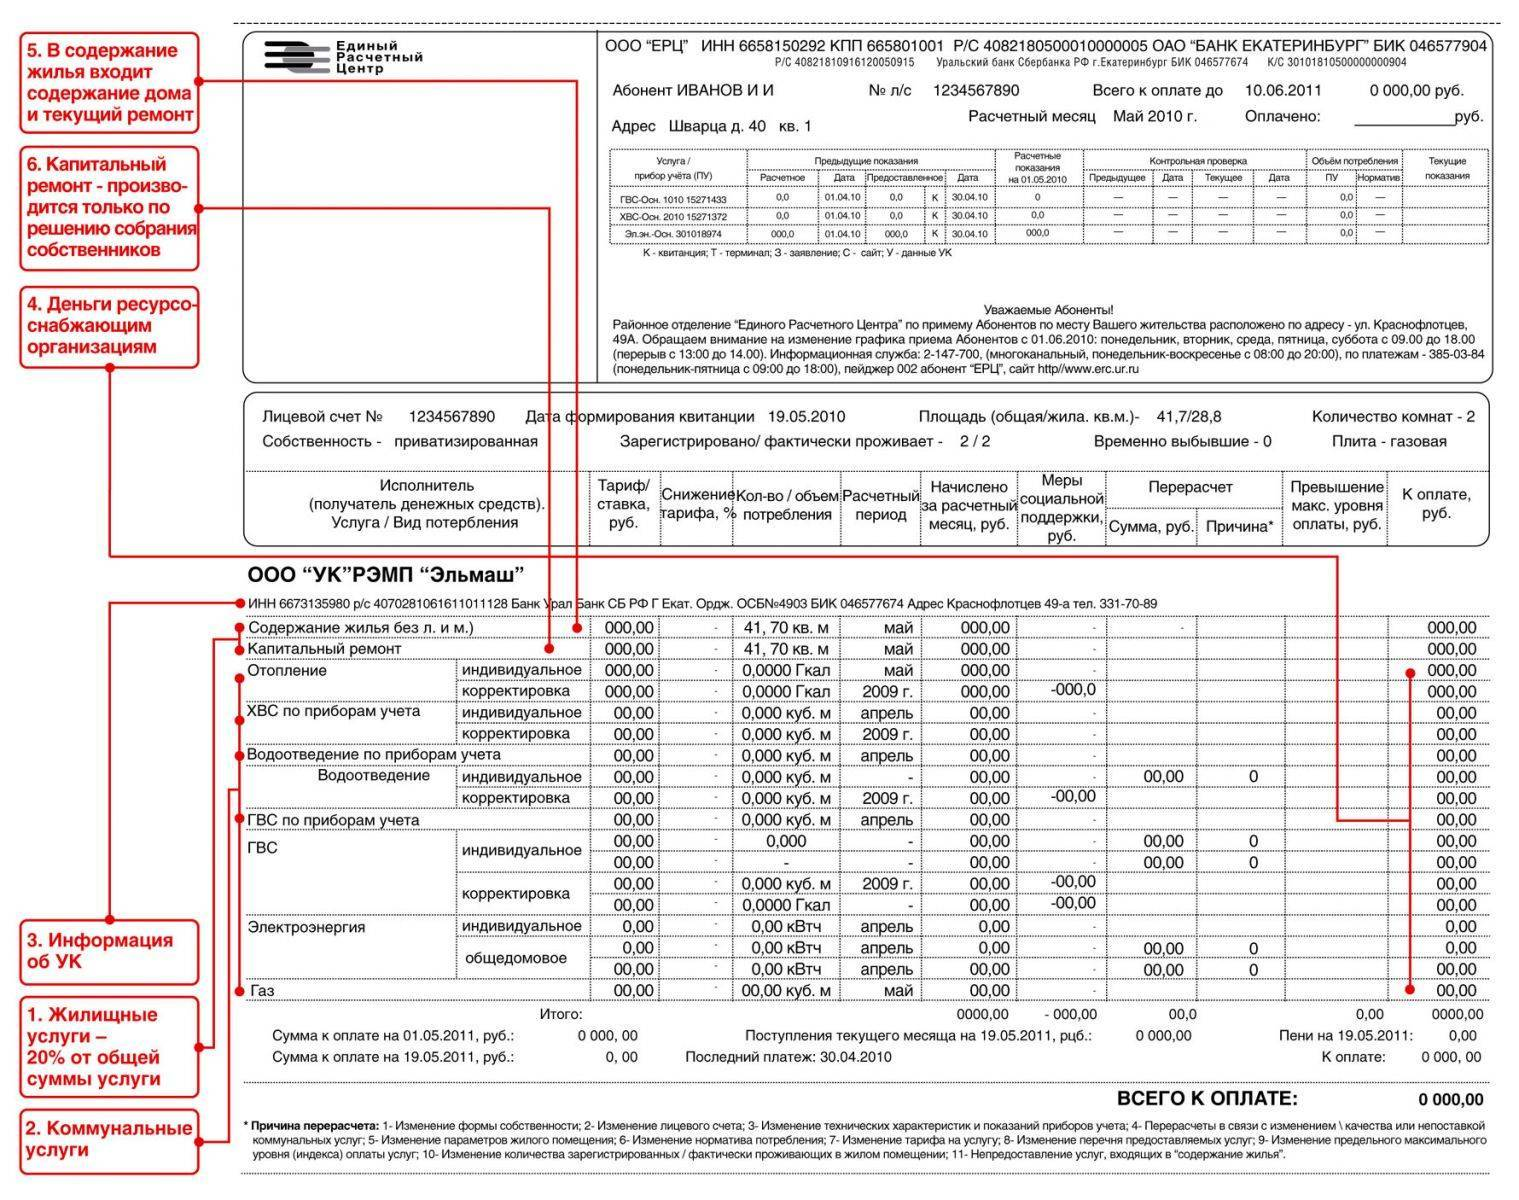 Что такое водоотведение в квитанции, в коммунальных платежах жкх: плата, счетчики, связь с водоснабжением